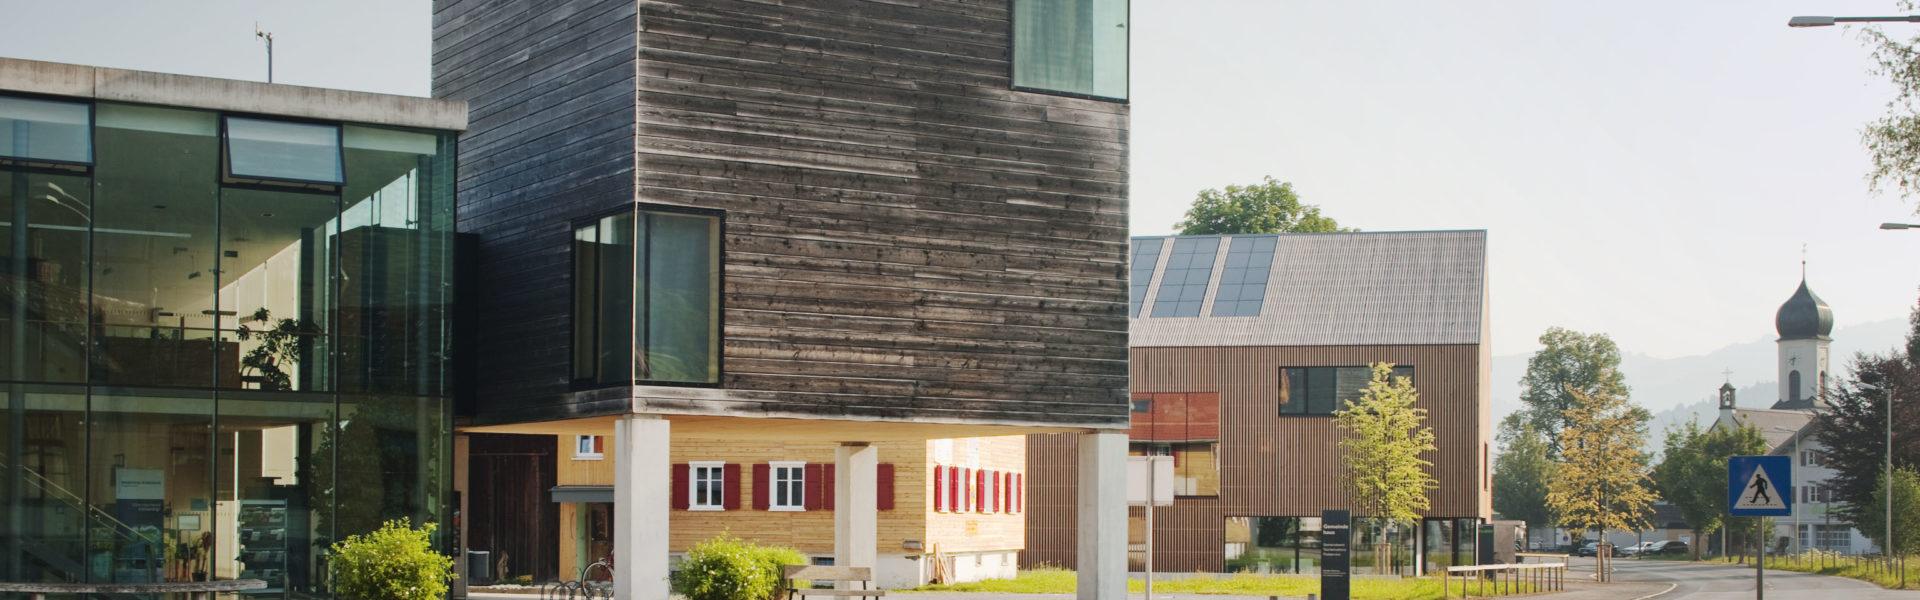 Architektouren: Dorfzentrum Andelsbuch, Foto: Albrecht Immanuel Schnabel